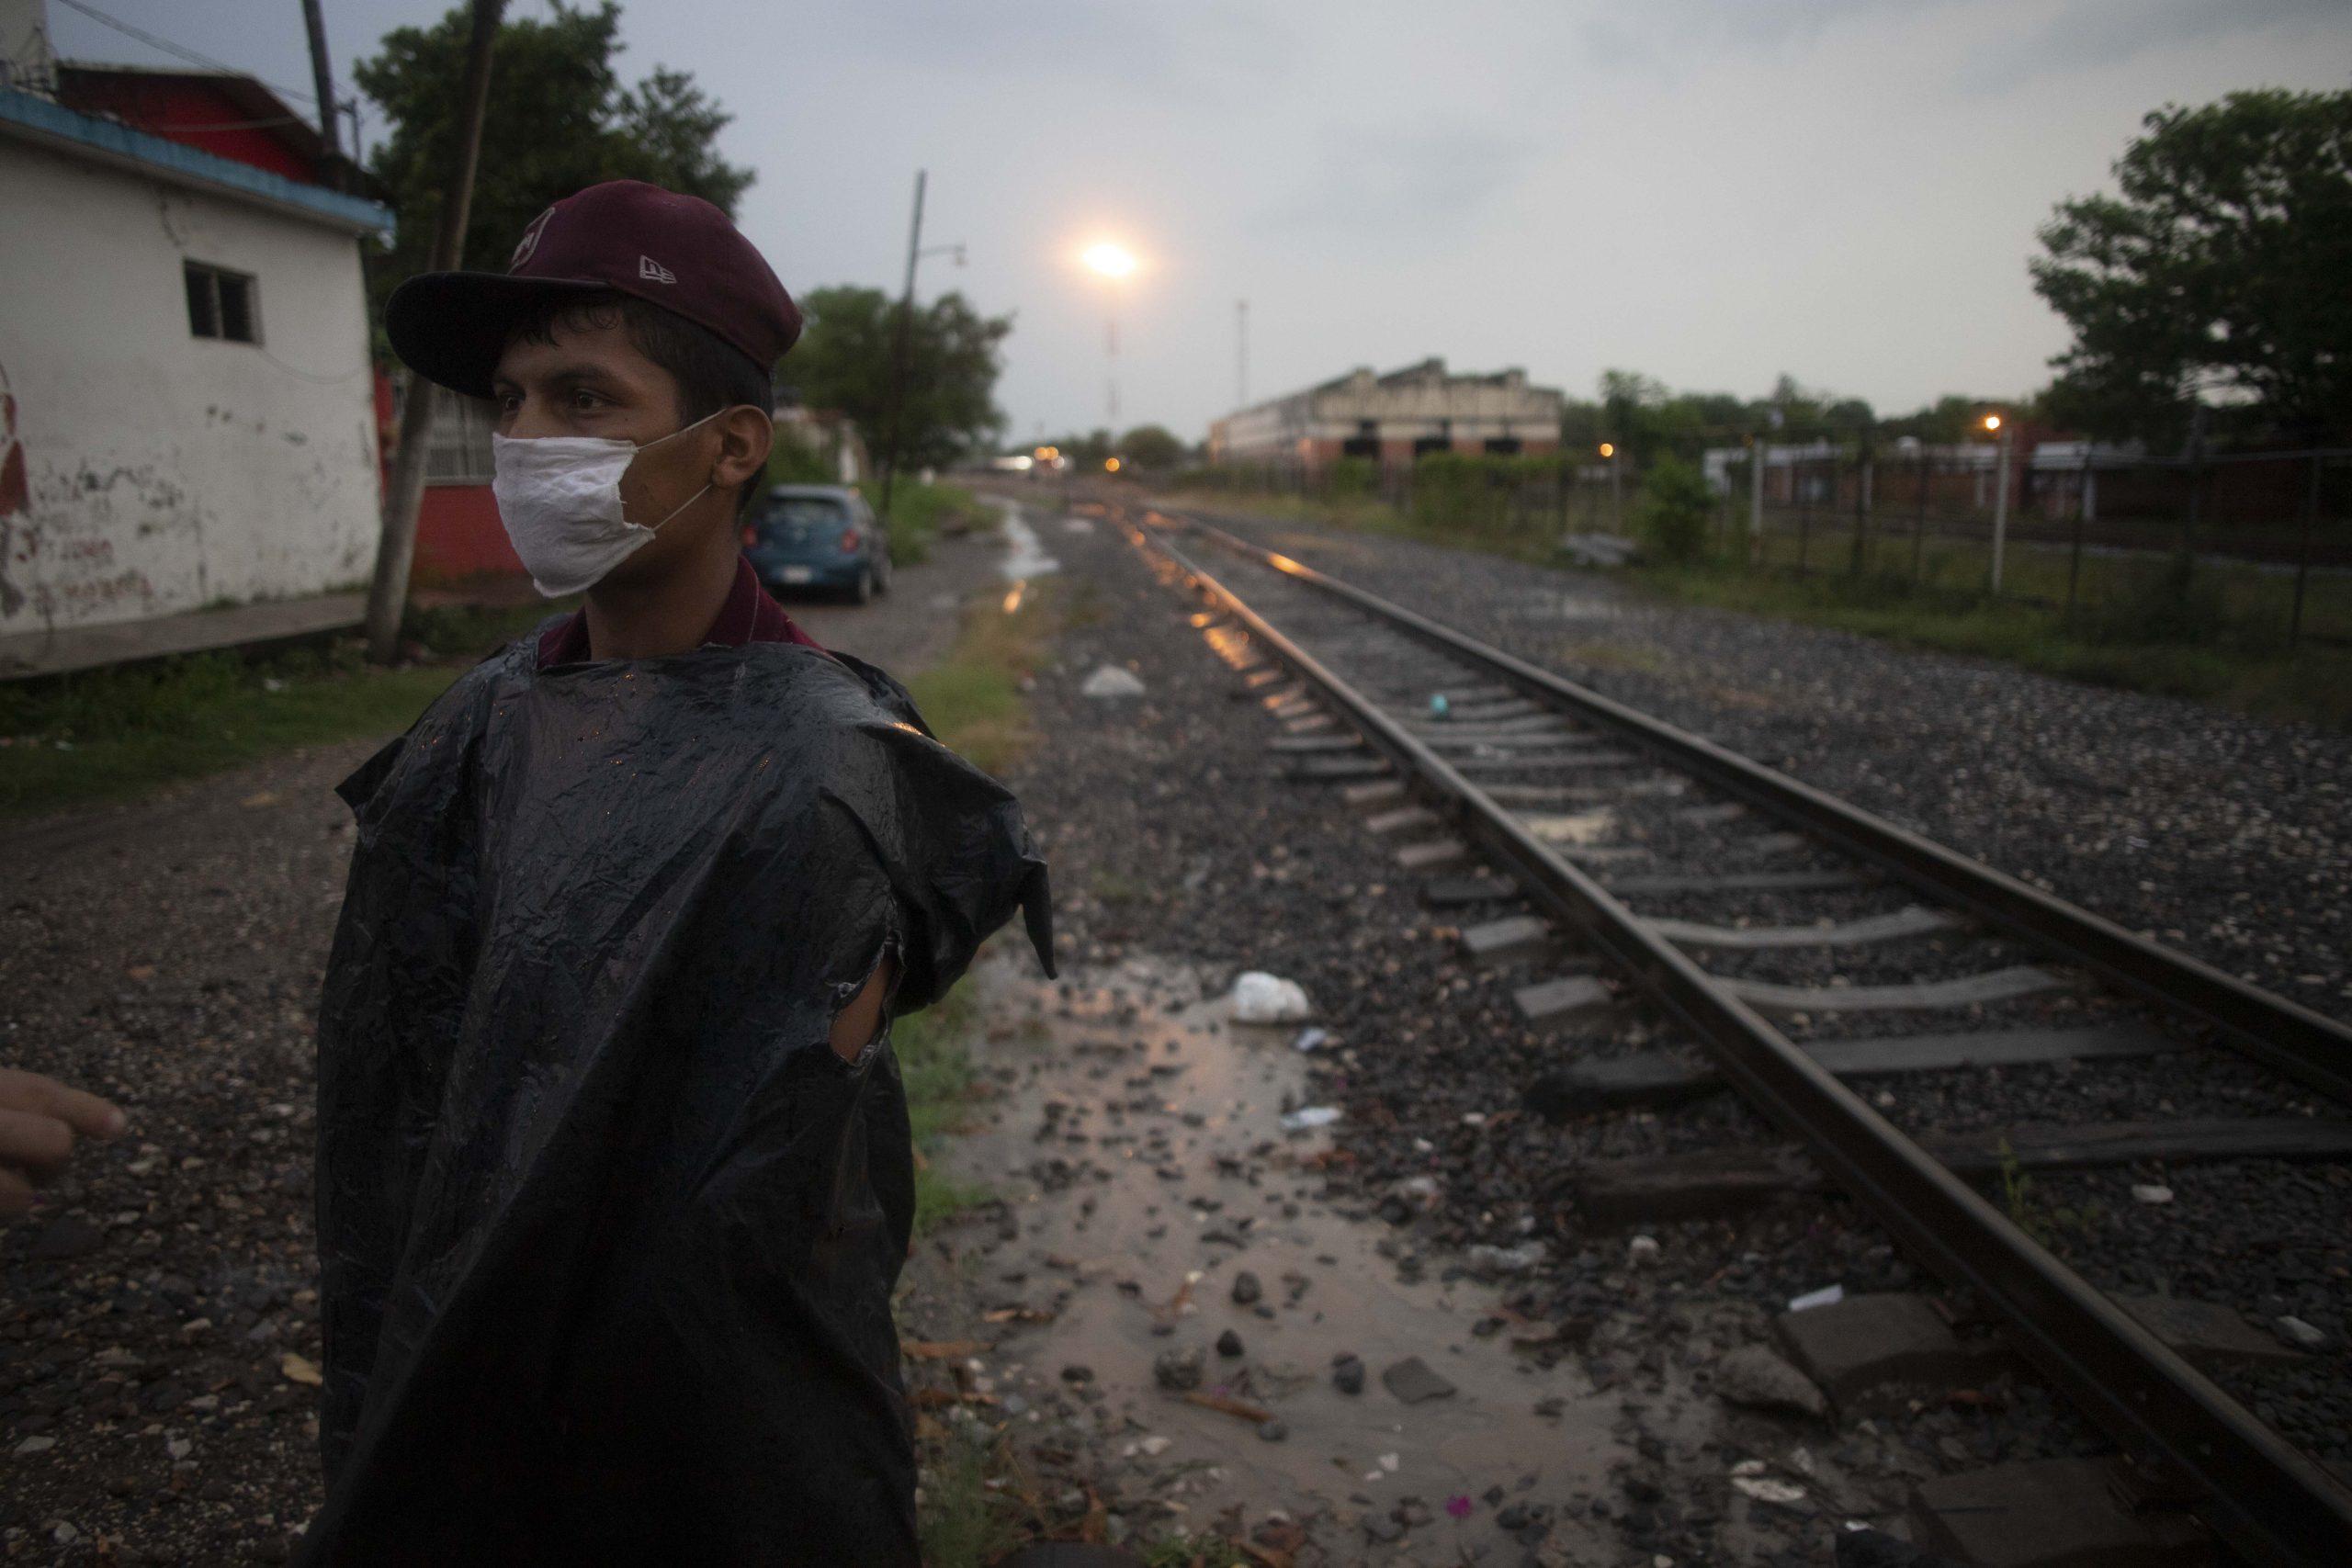 Las rutas oscuras impuestas por la pandemia y la xenofobia a los migrantes